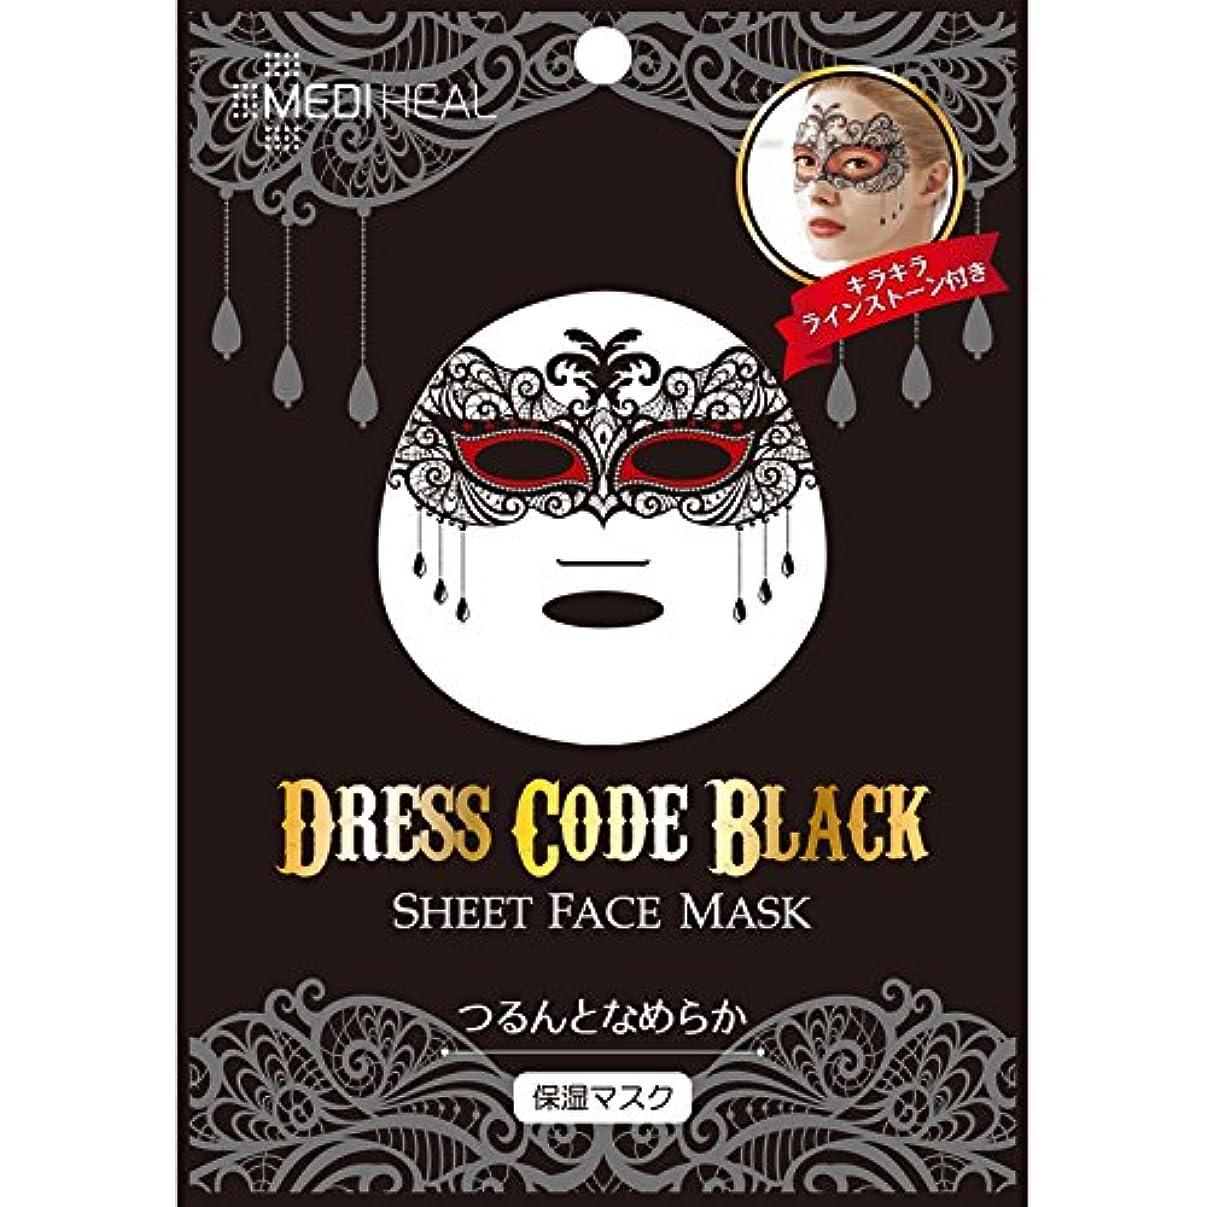 避ける学部フラフープメディヒル フェイスマスク ドレスコードブラック (27ML/1シート)